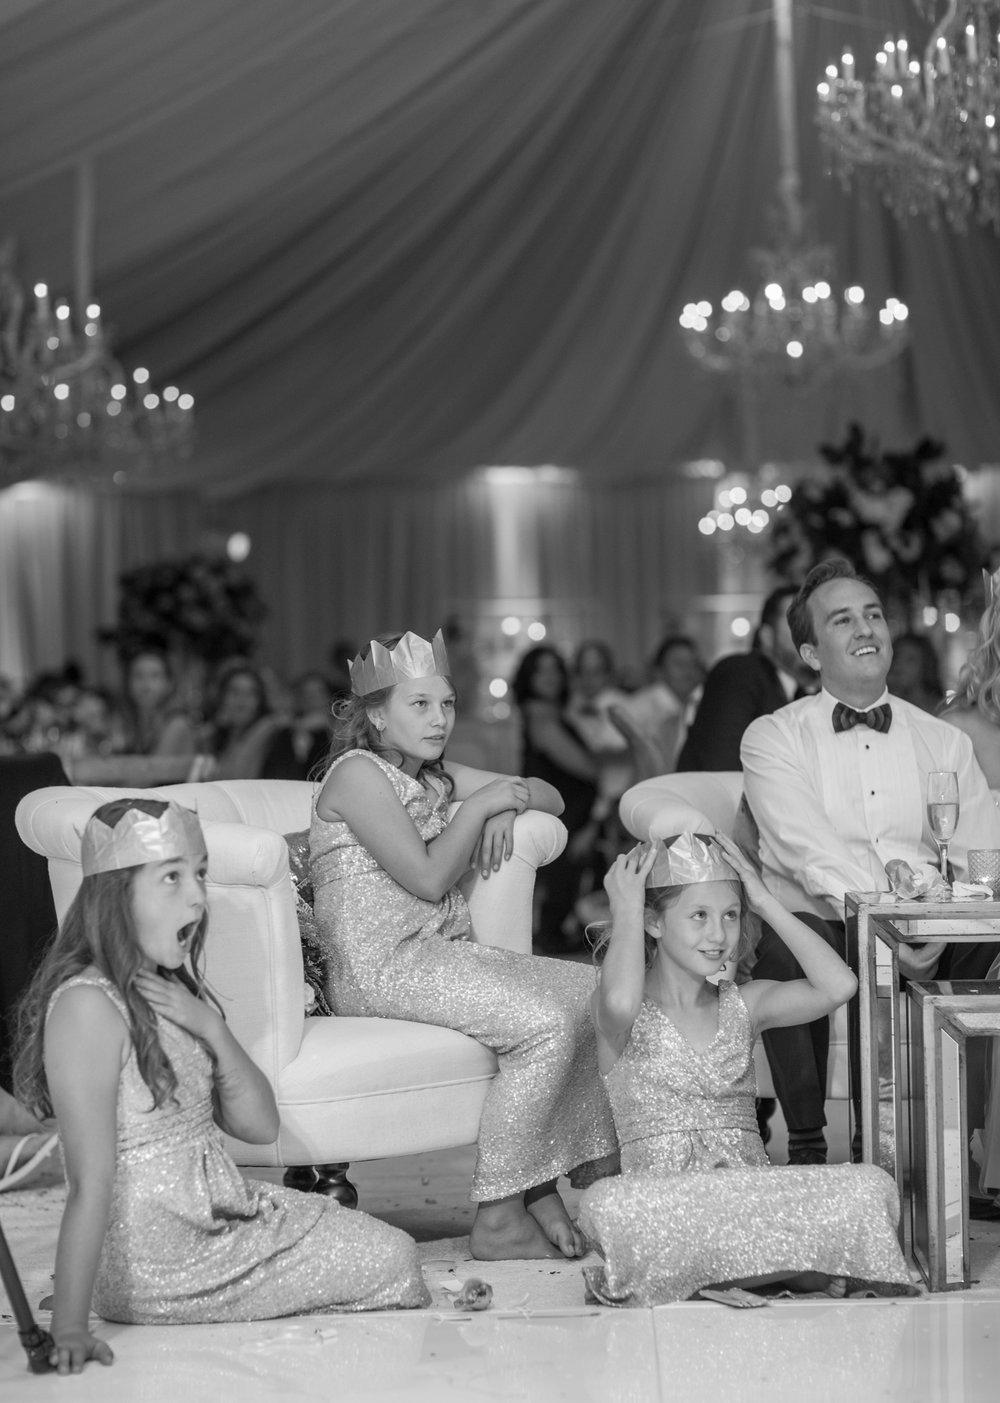 shewanders.coronado.wedding.photography.best.of138.jpg